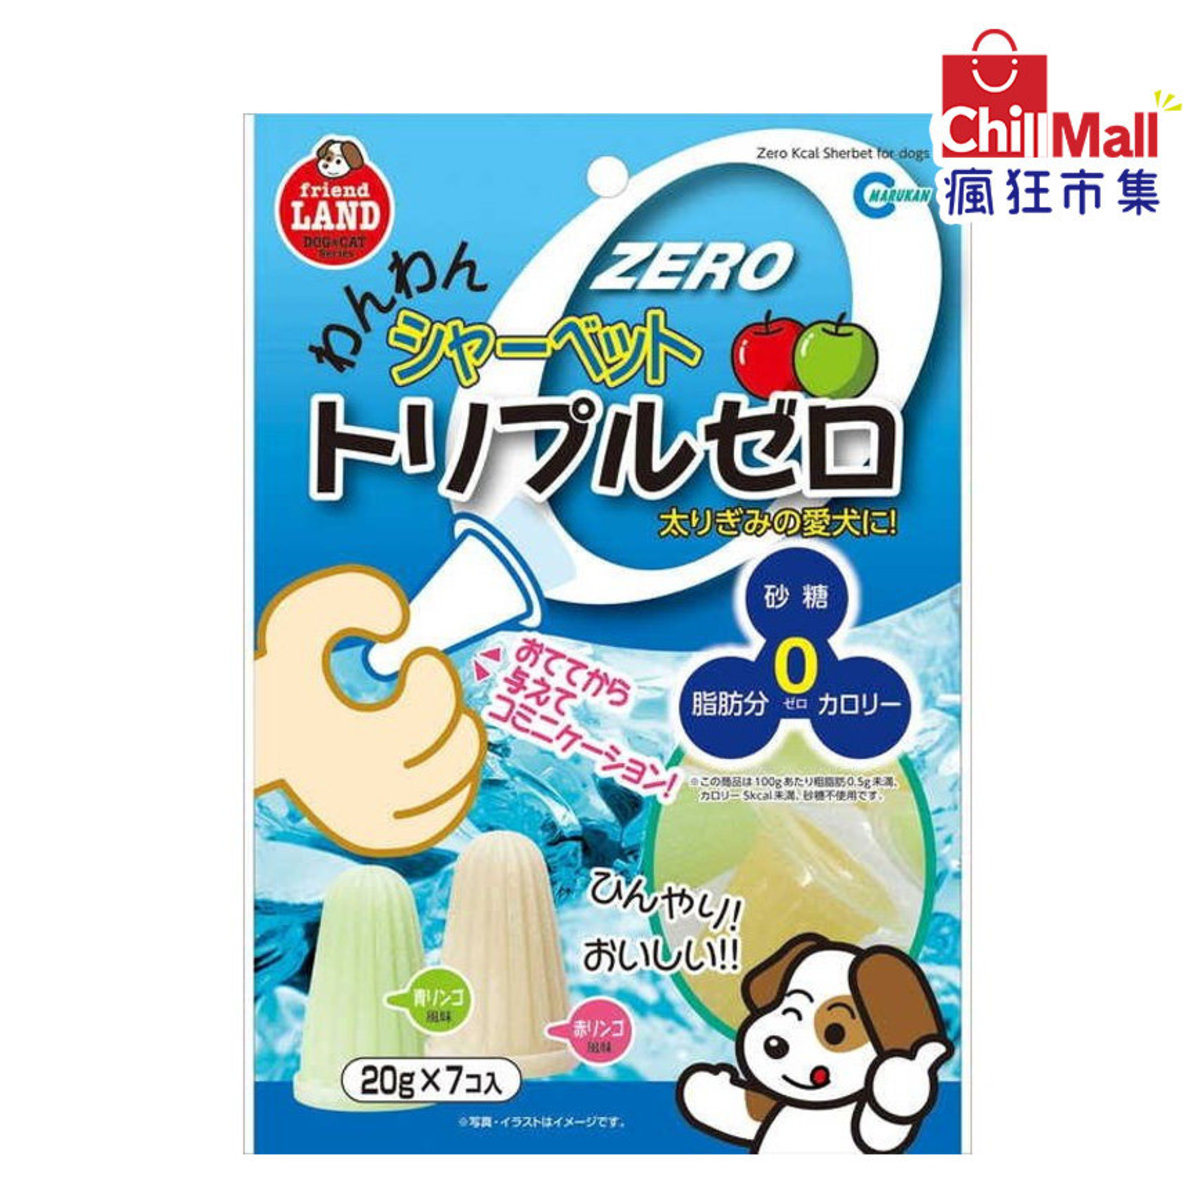 日本FriendLAND 可愛滋味水果果凍 20g 7個入 (犬用) 6550471